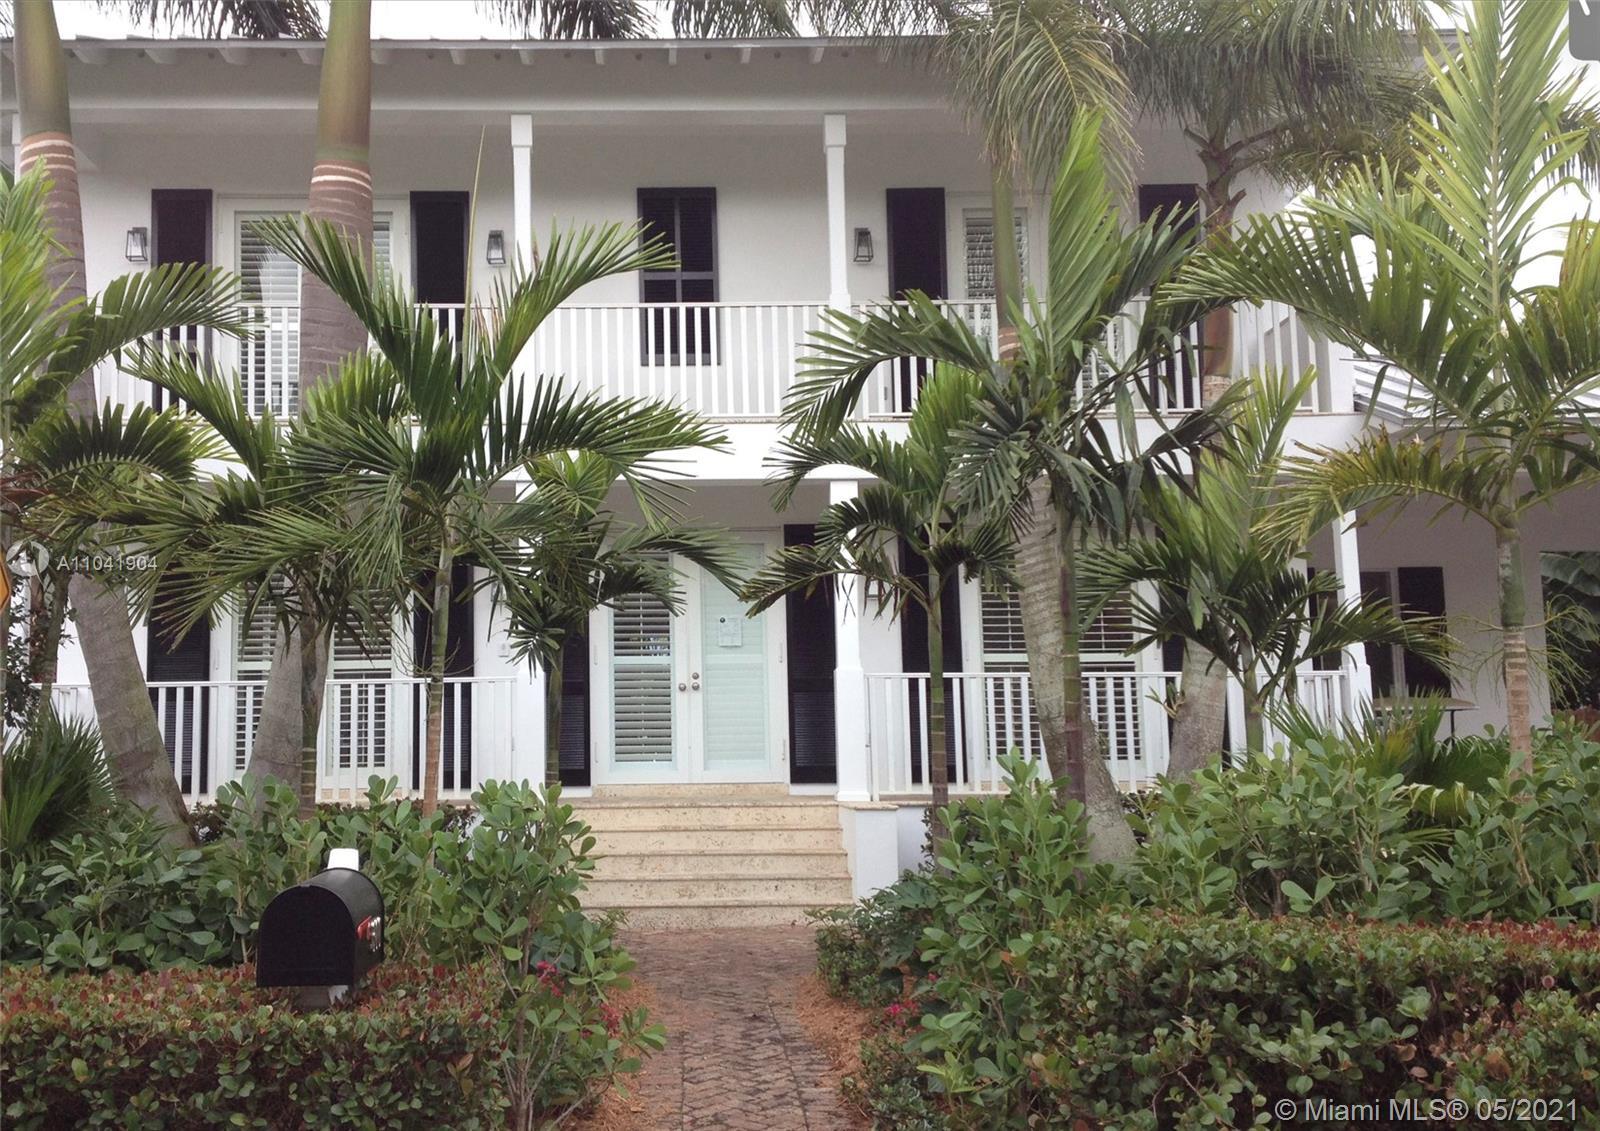 Tropical Isle Homes - 300 Greenwood Dr, Key Biscayne, FL 33149